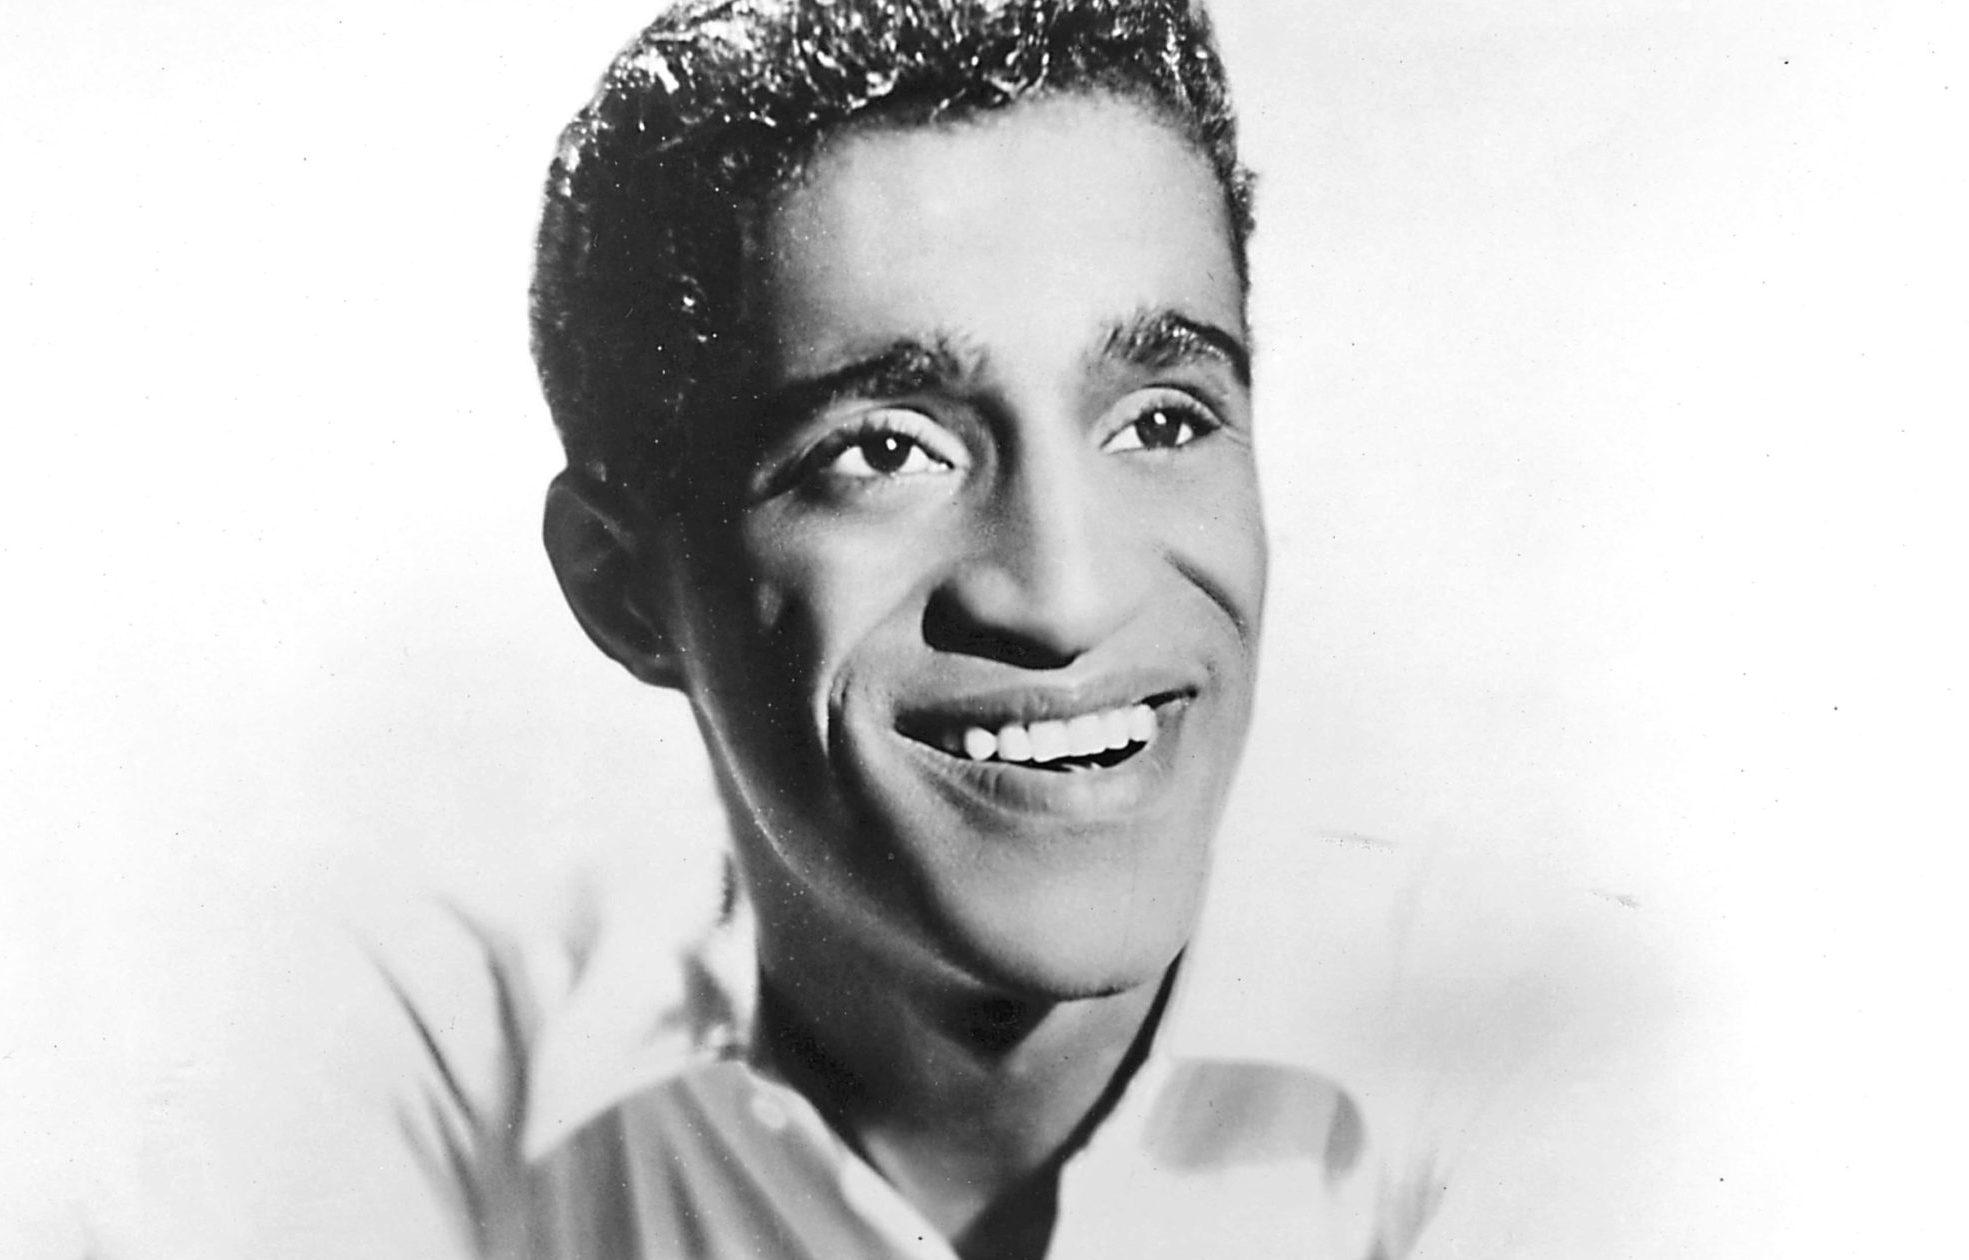 Sammy Davis Jr. in 1959